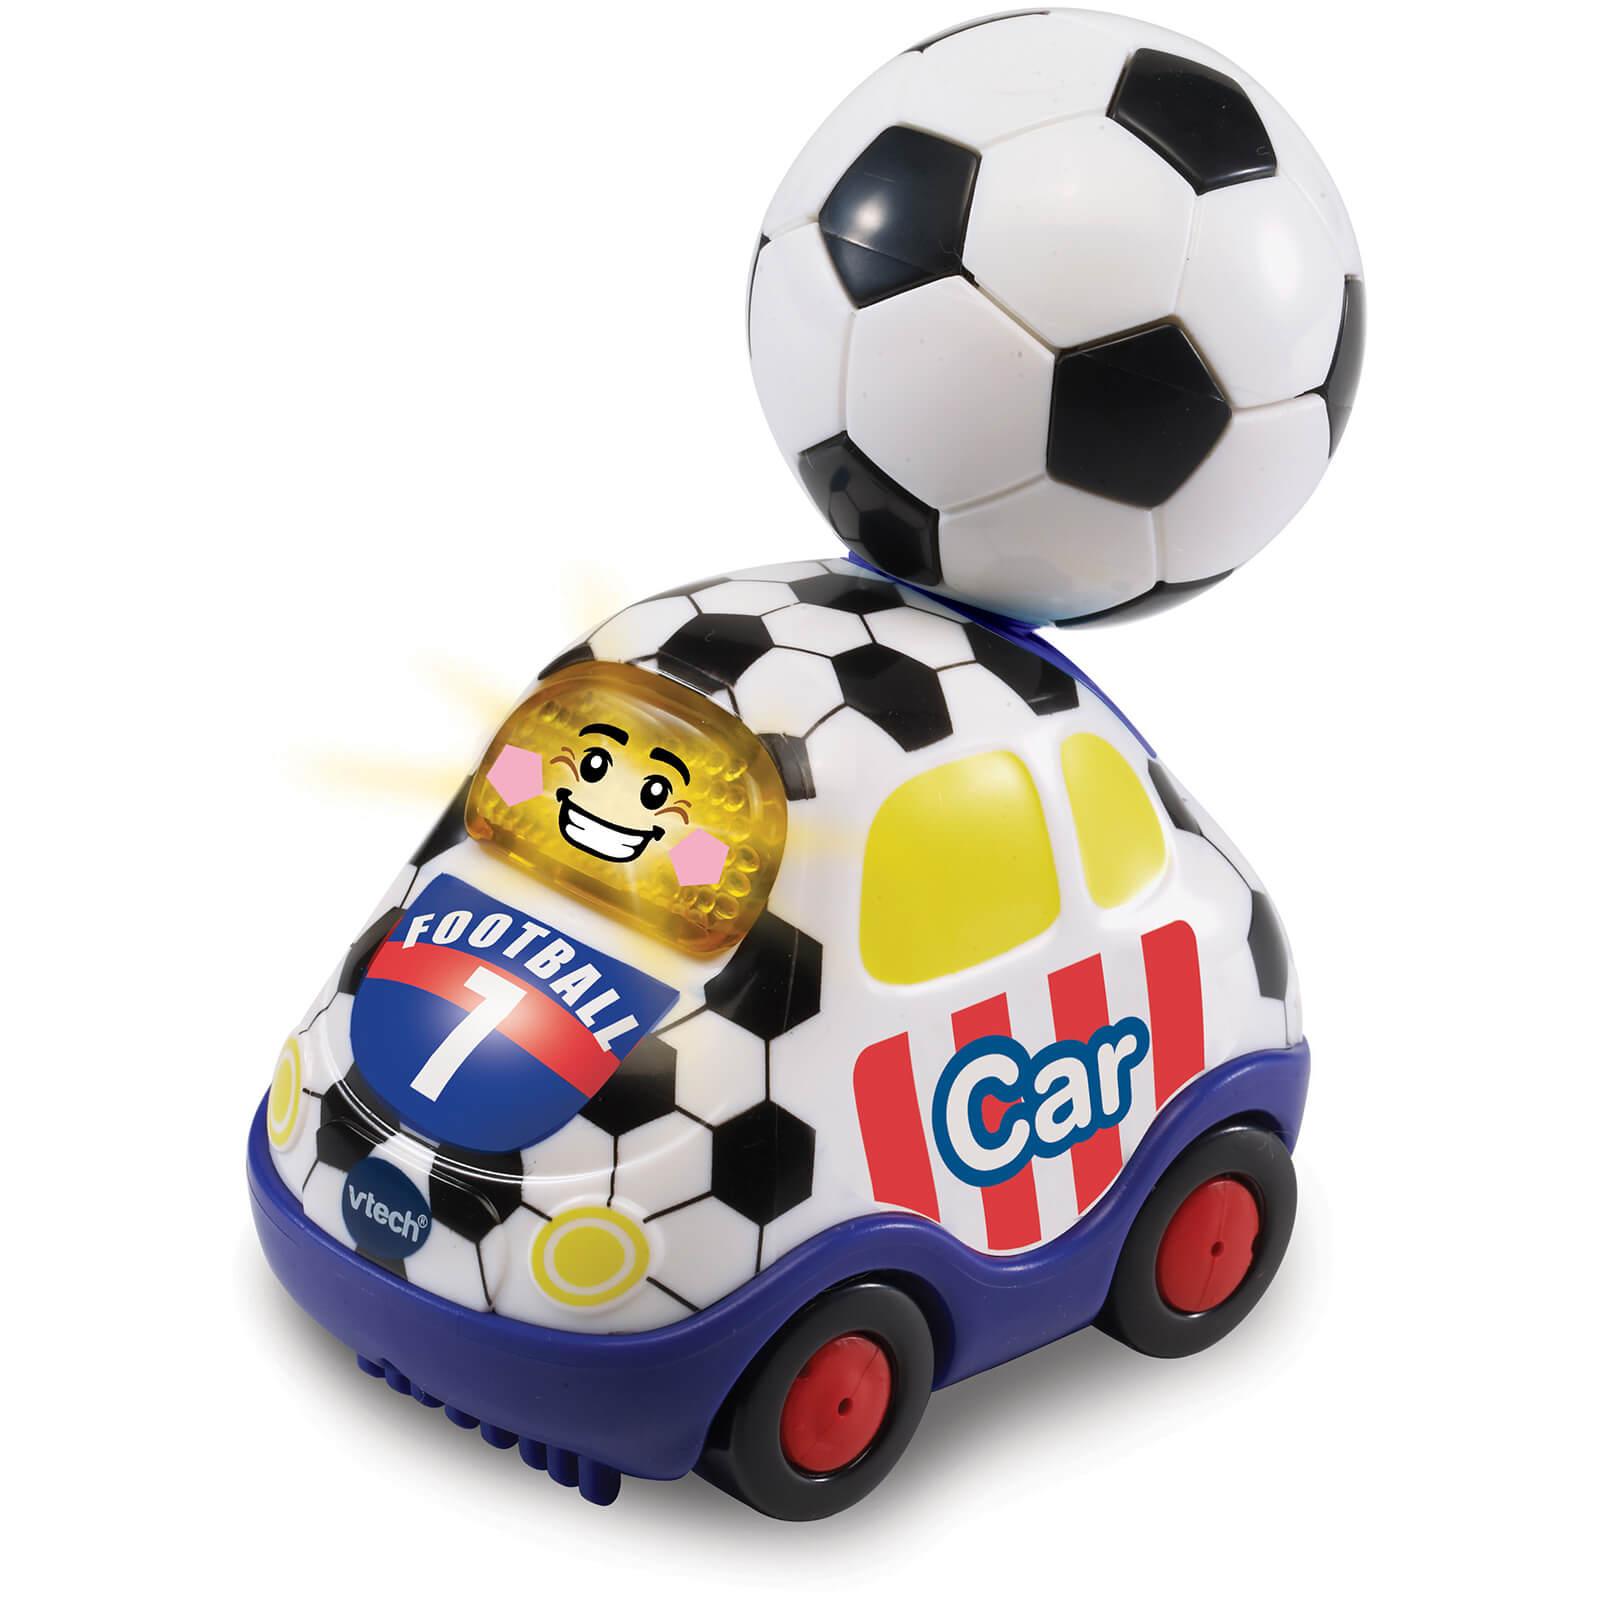 Vtech Toot-Toot Drivers Football Car